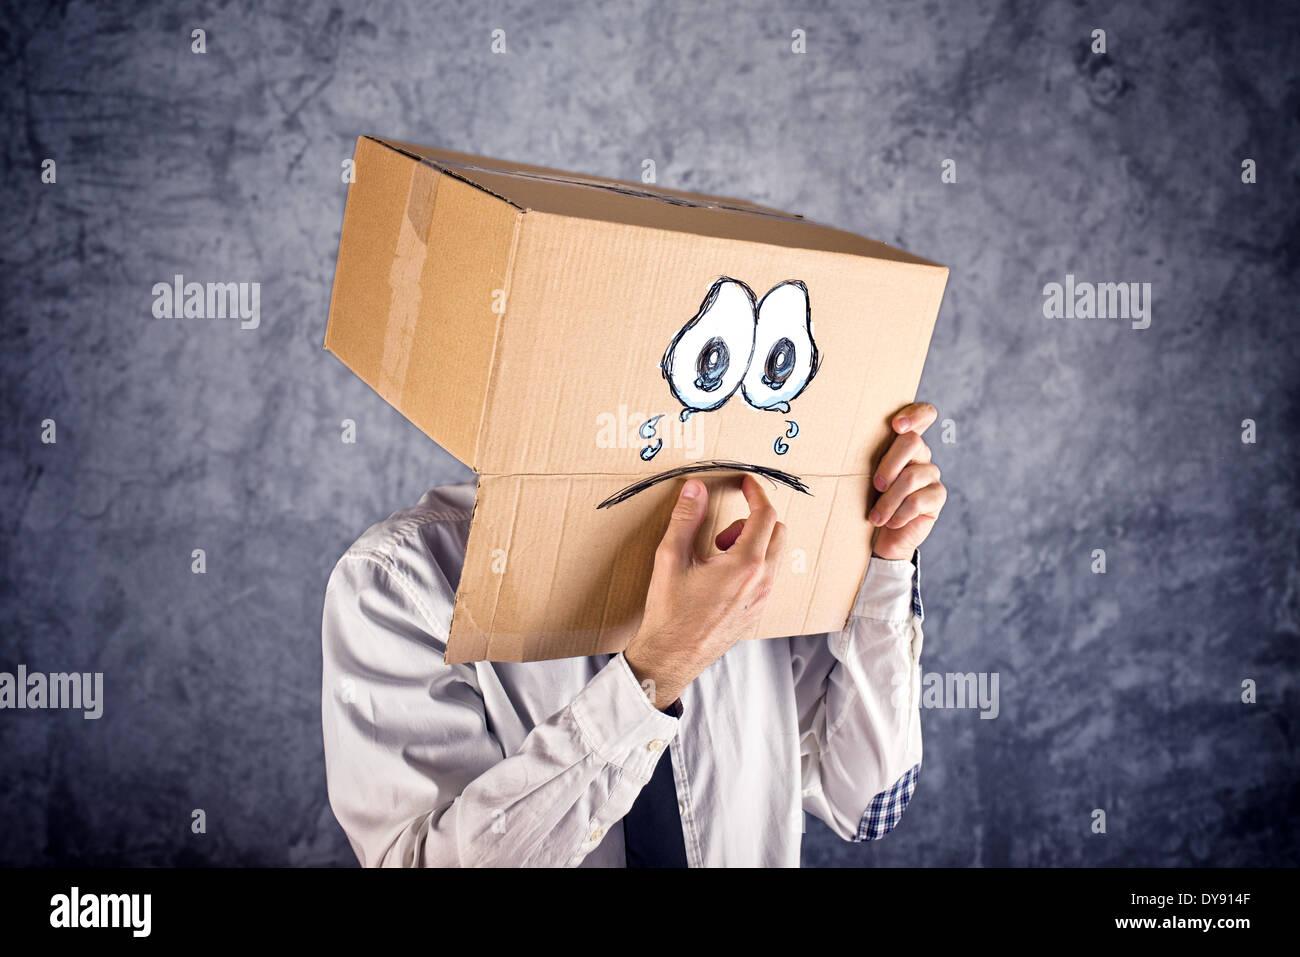 Imprenditore con scatola di cartone sulla sua testa e tristi lacrime di espressione. Concetto di tristezza e depressione. Immagini Stock